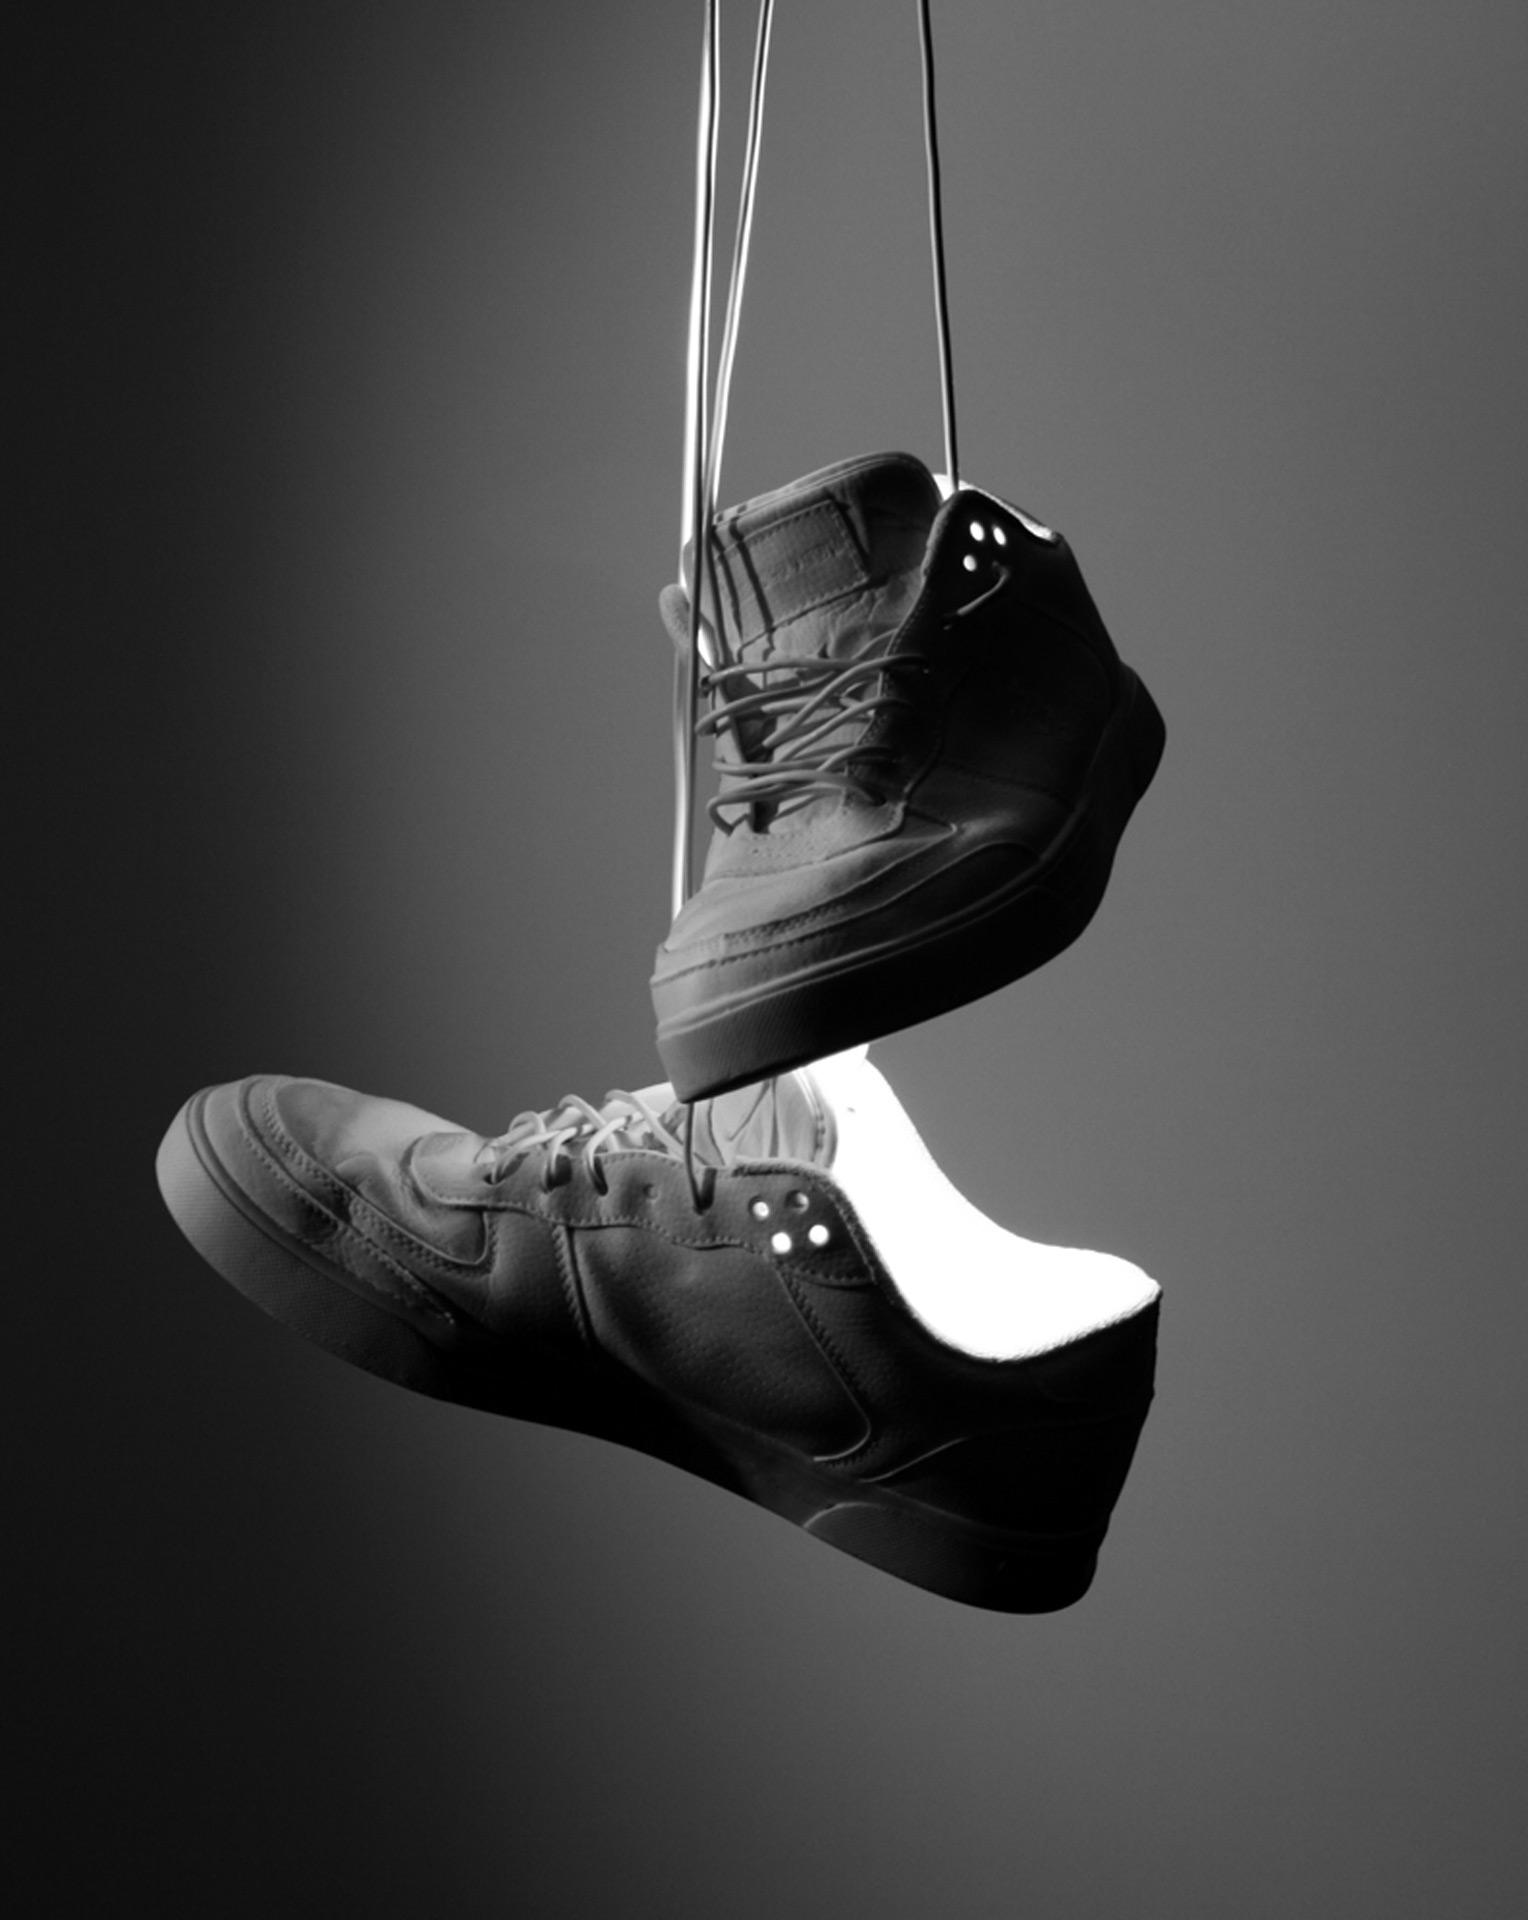 shoe-toss2-for-web.jpg